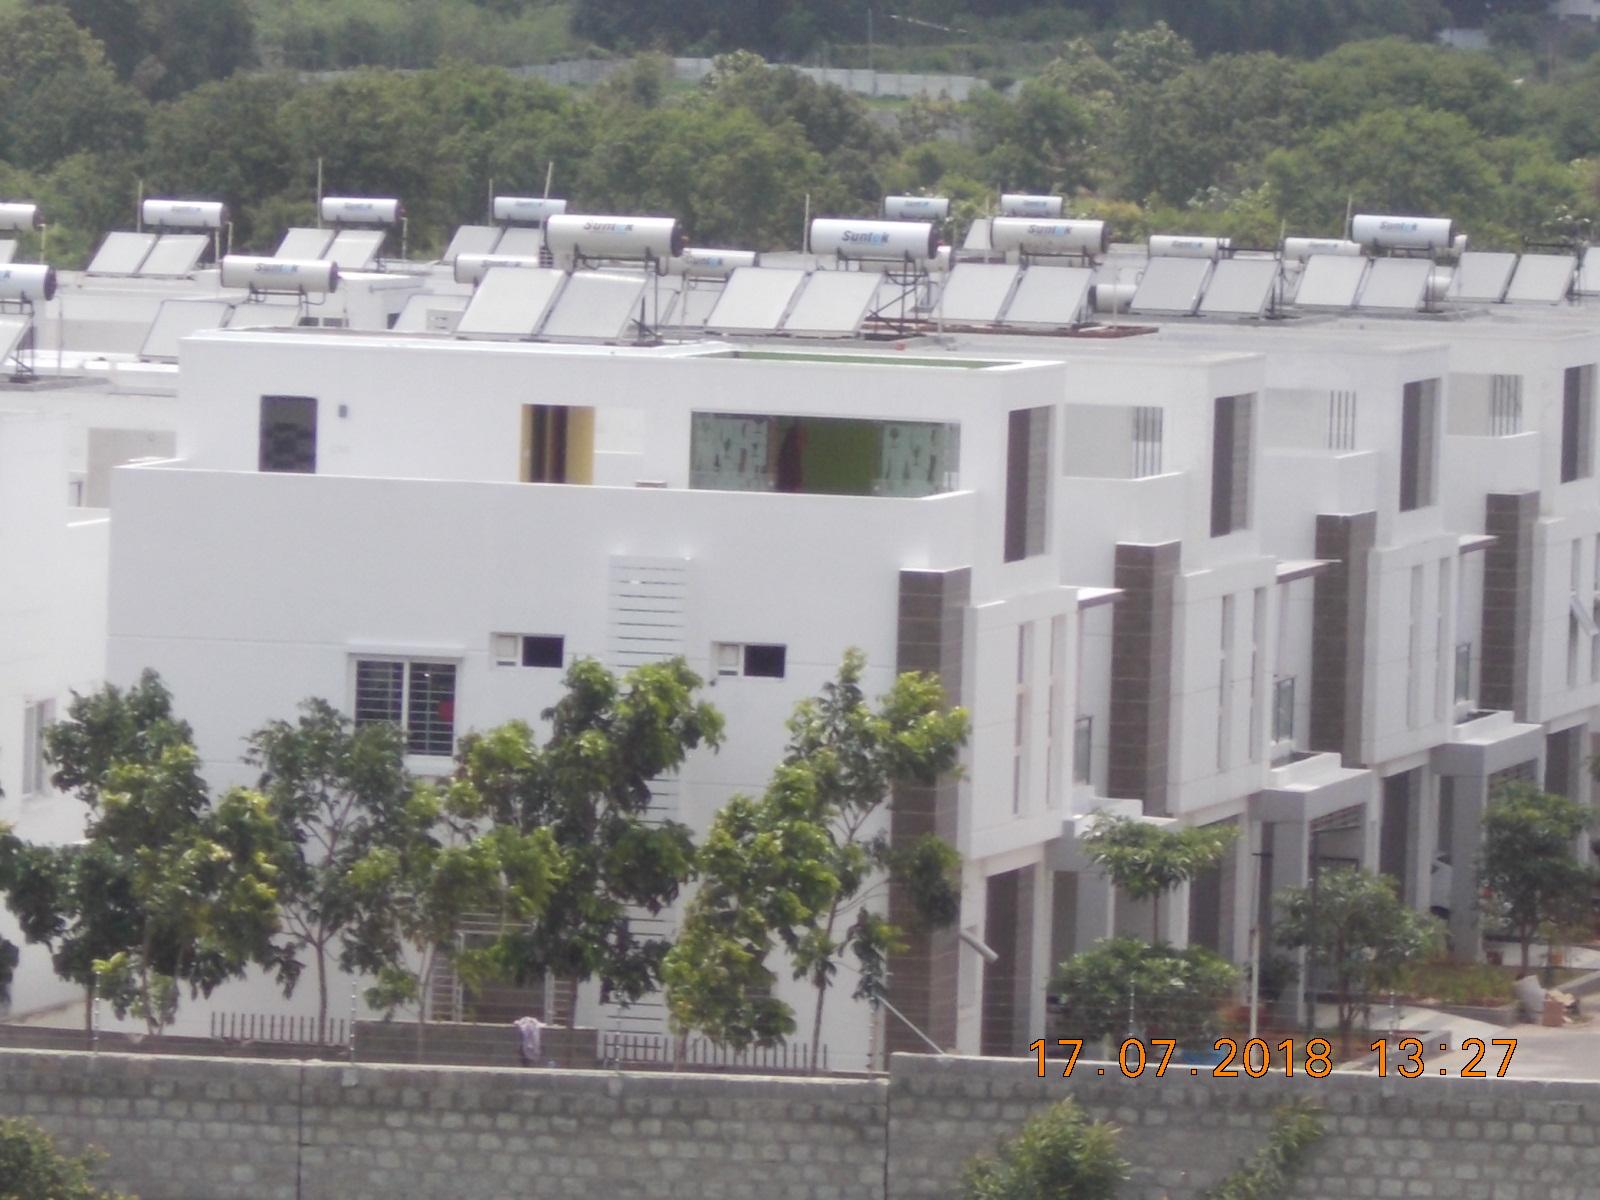 Mypi Green Castles Villas Villas In Gundlapochampally